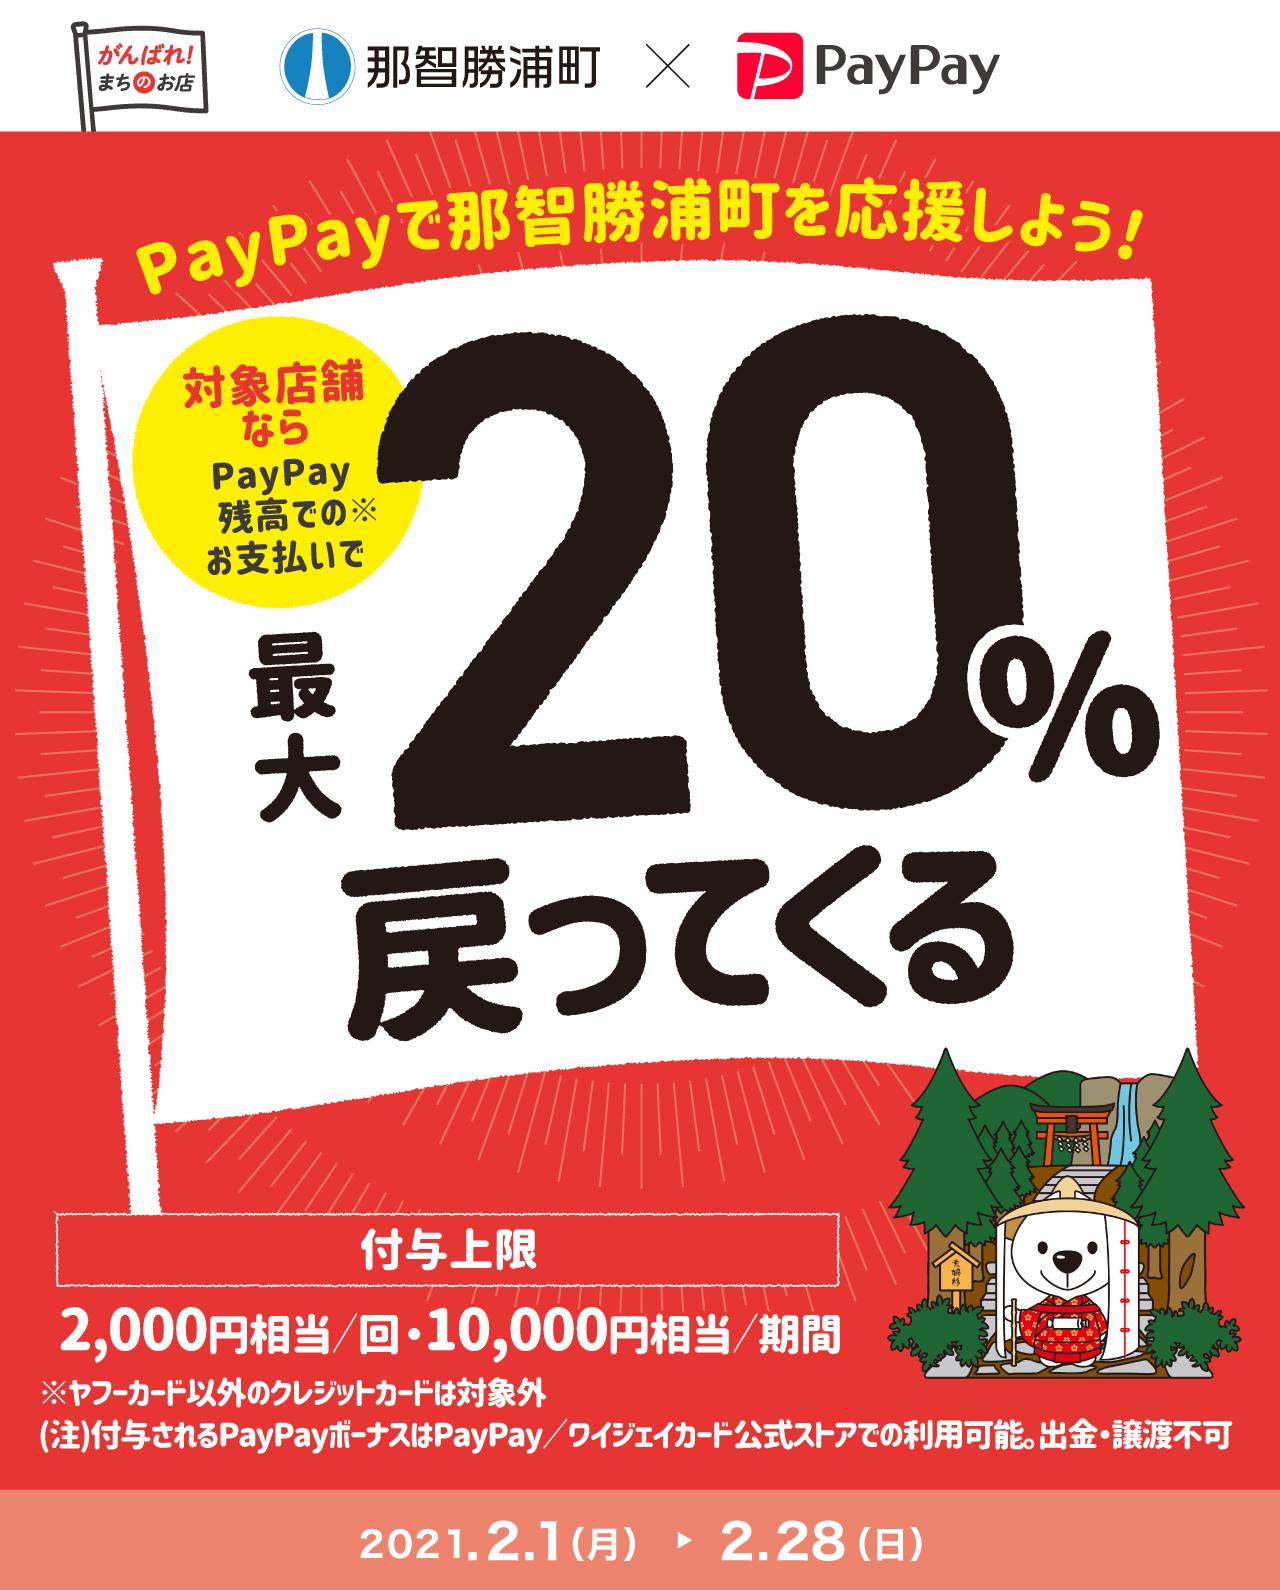 PayPayで那智勝浦町を応援しよう! 対象店舗ならPayPay残高でのお支払いで 最大20%戻ってくる